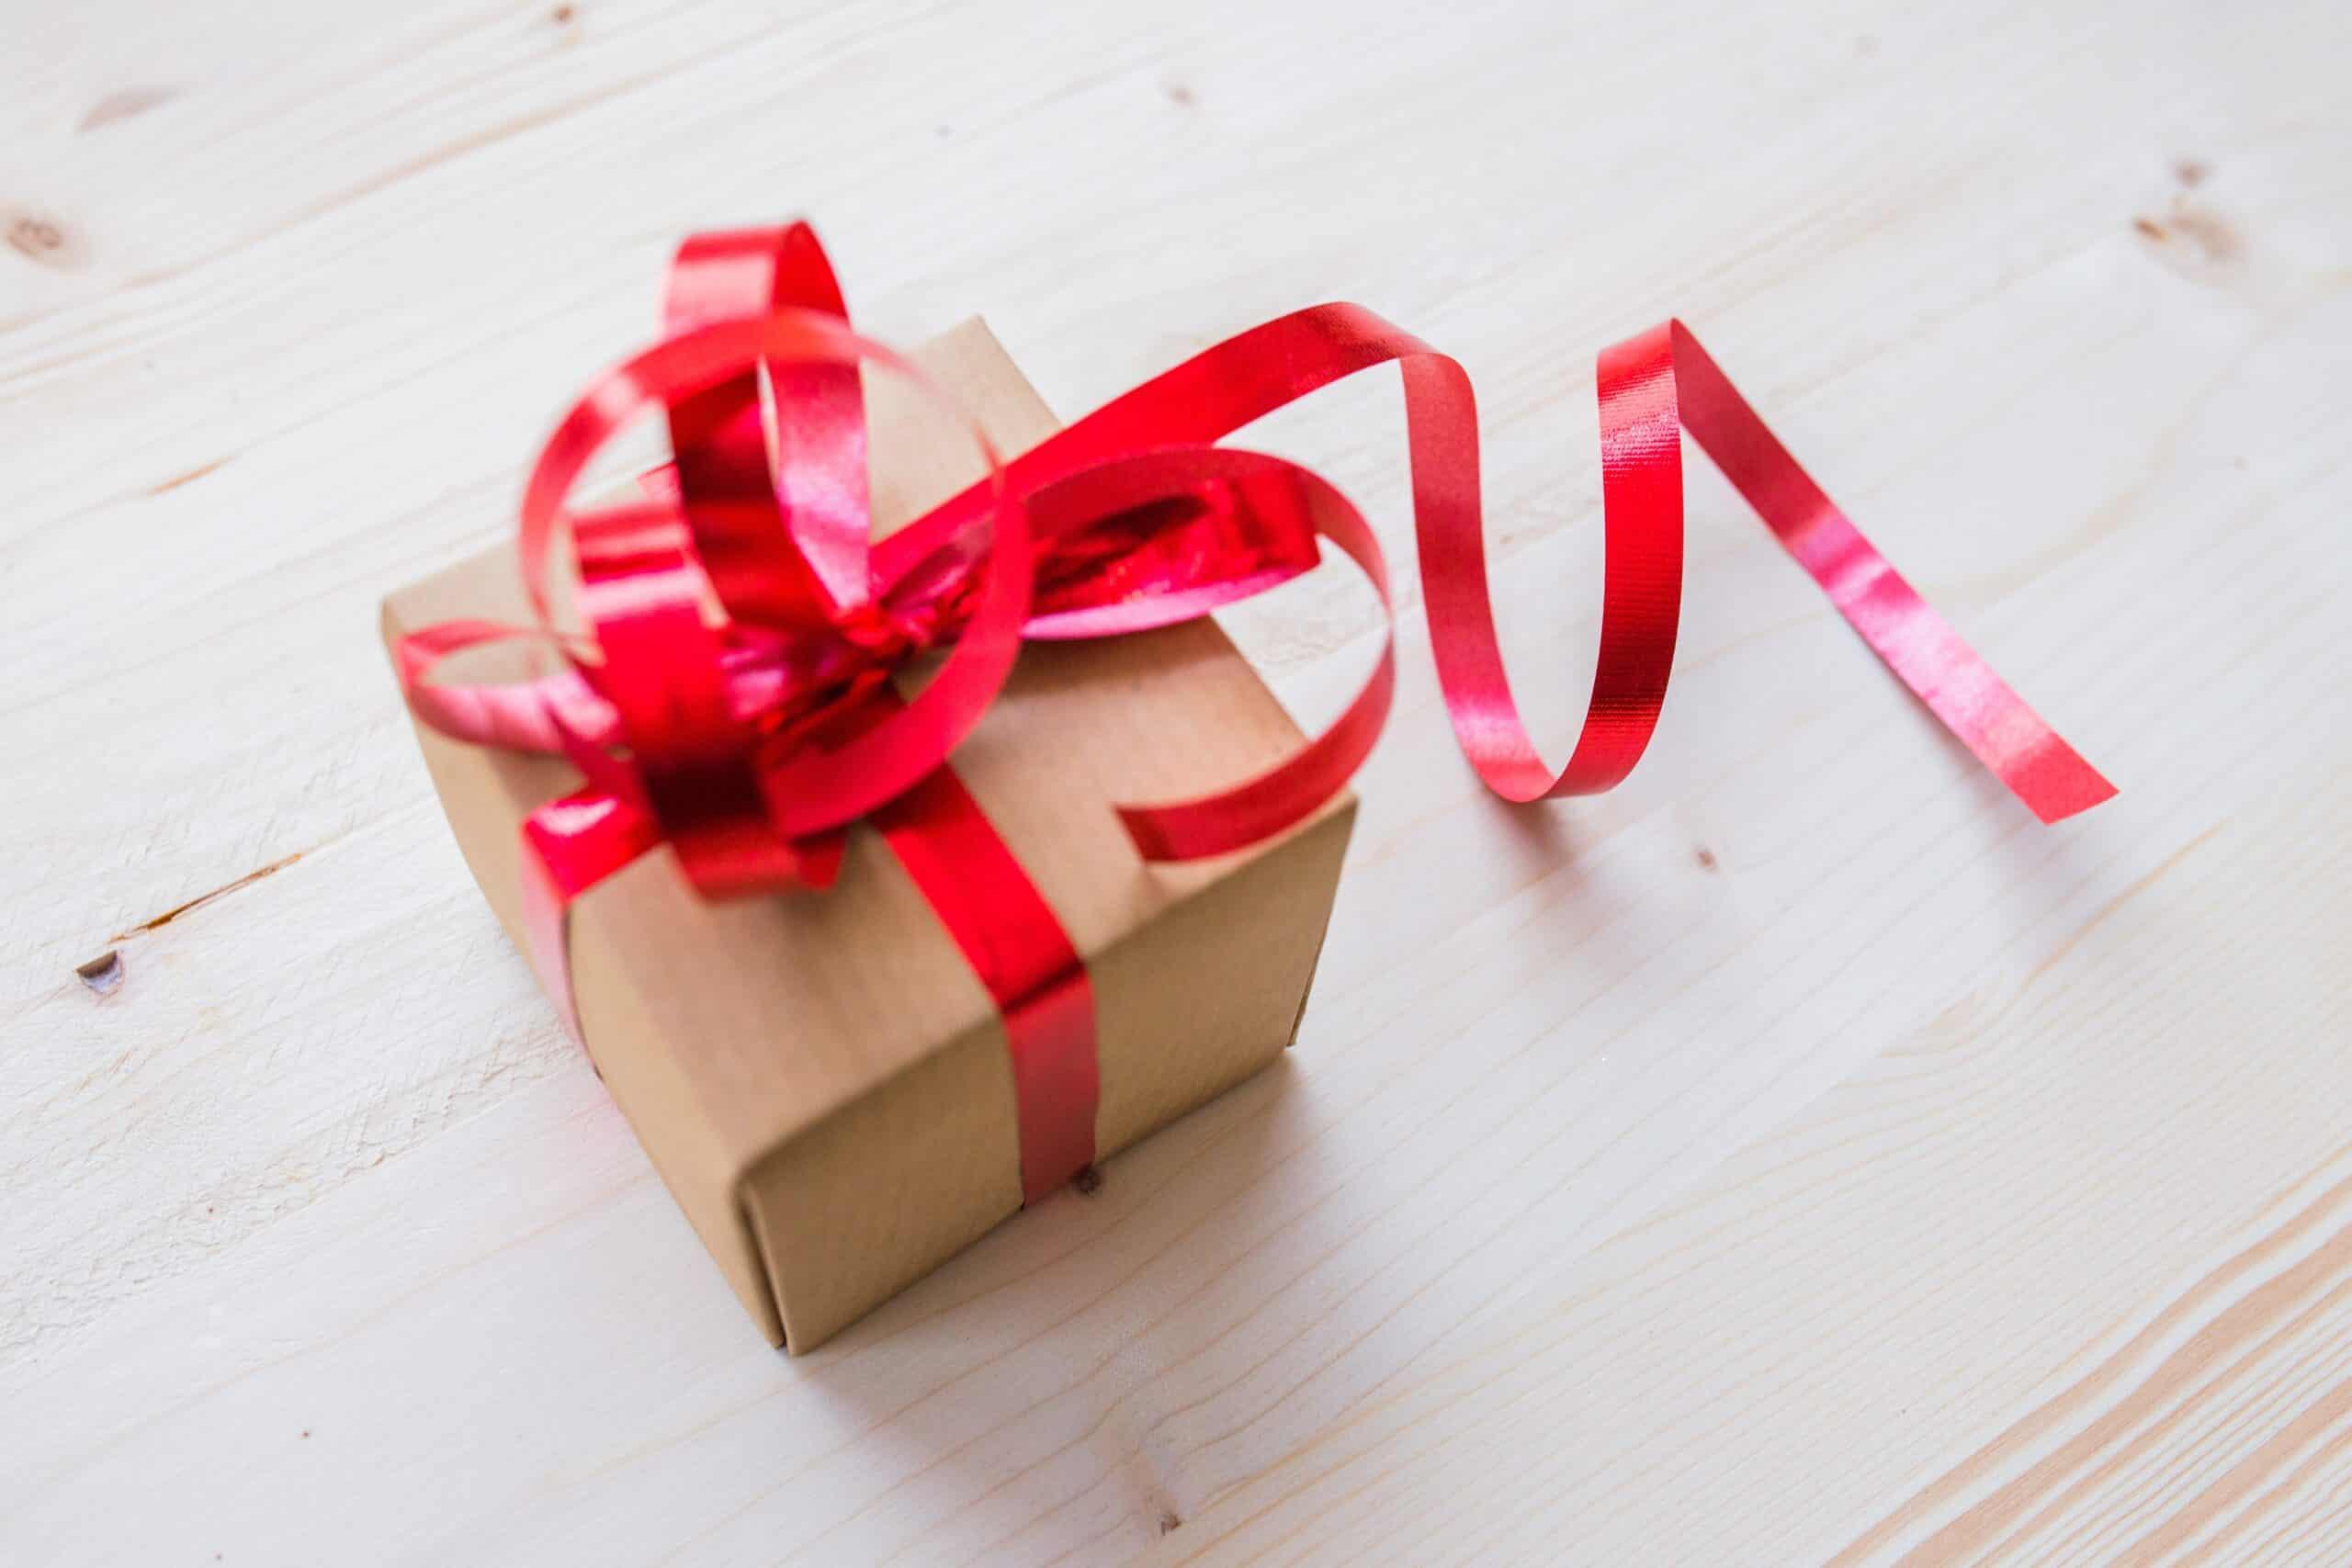 Der aktuelle IG Med Newsletter mit einem besonderen Geschenk für Jens Spahn